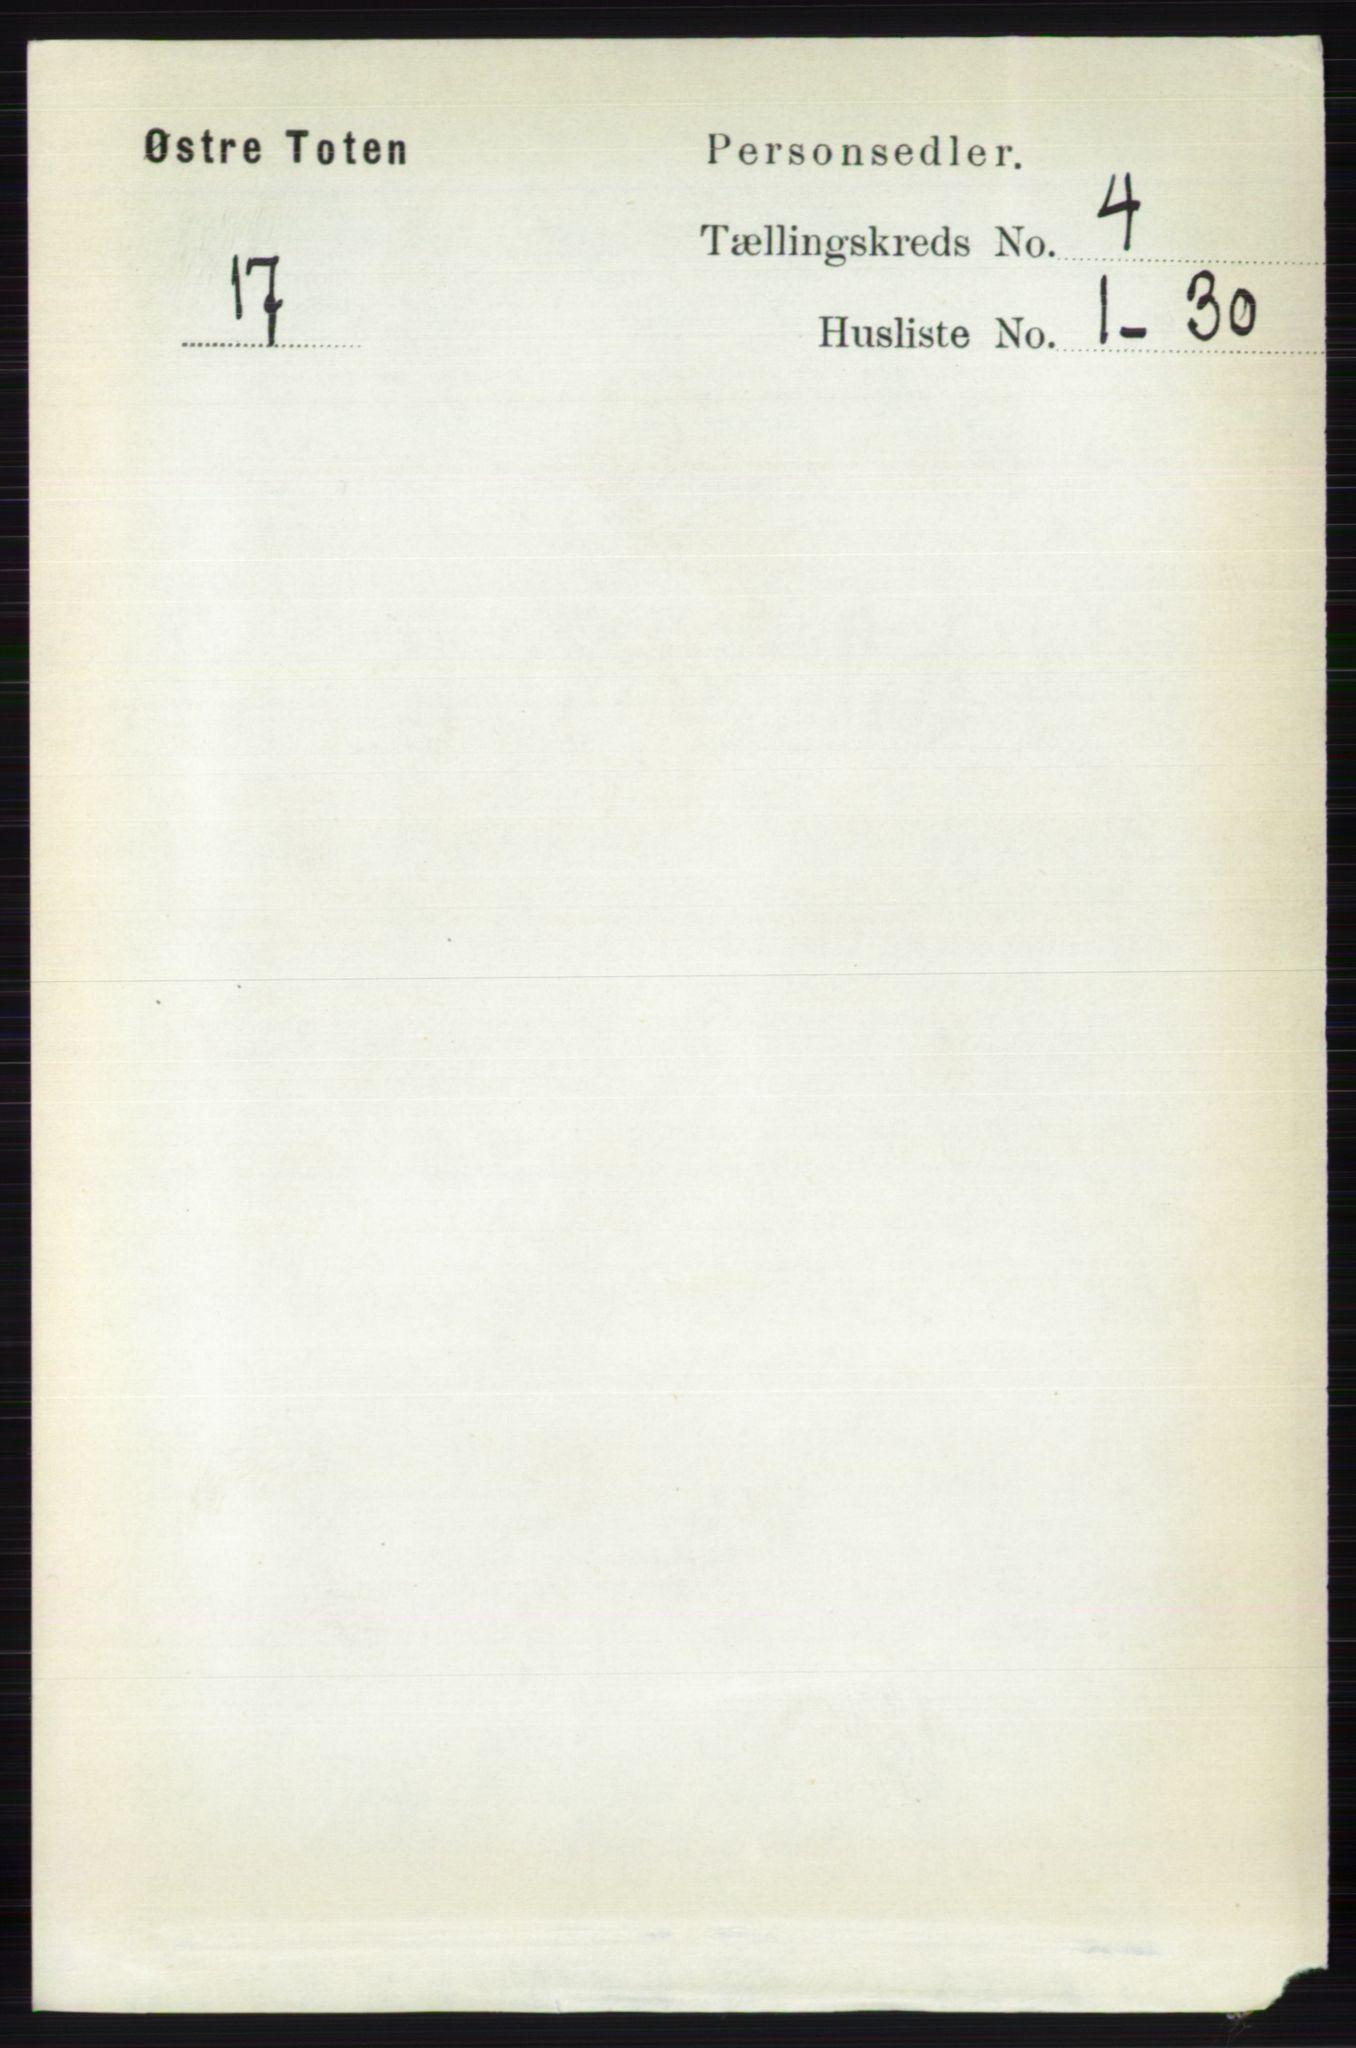 RA, Folketelling 1891 for 0528 Østre Toten herred, 1891, s. 2379